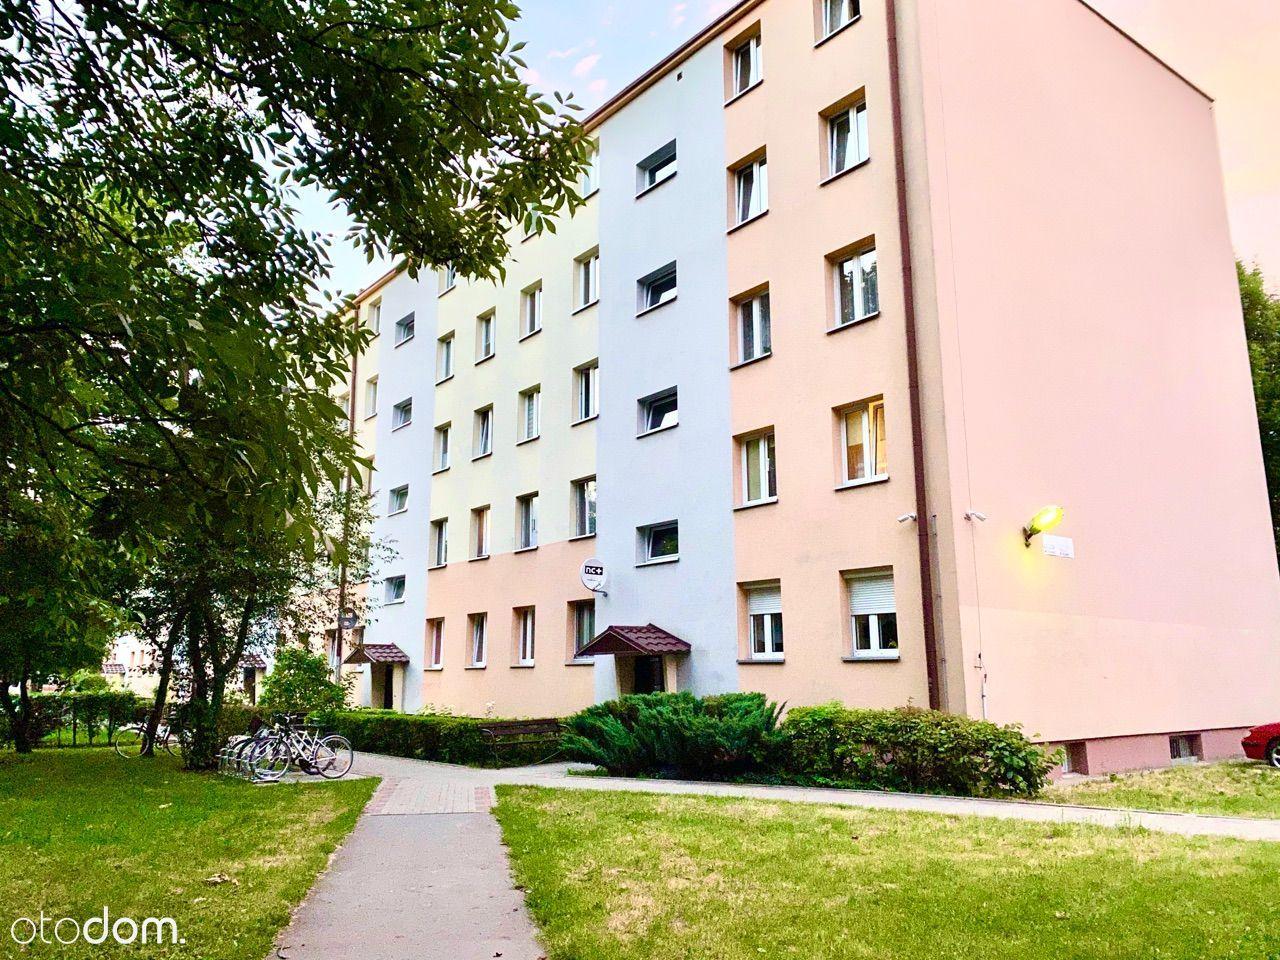 Mieszkanie centrum Tarnobrzega 54 m2 bezpośrednio